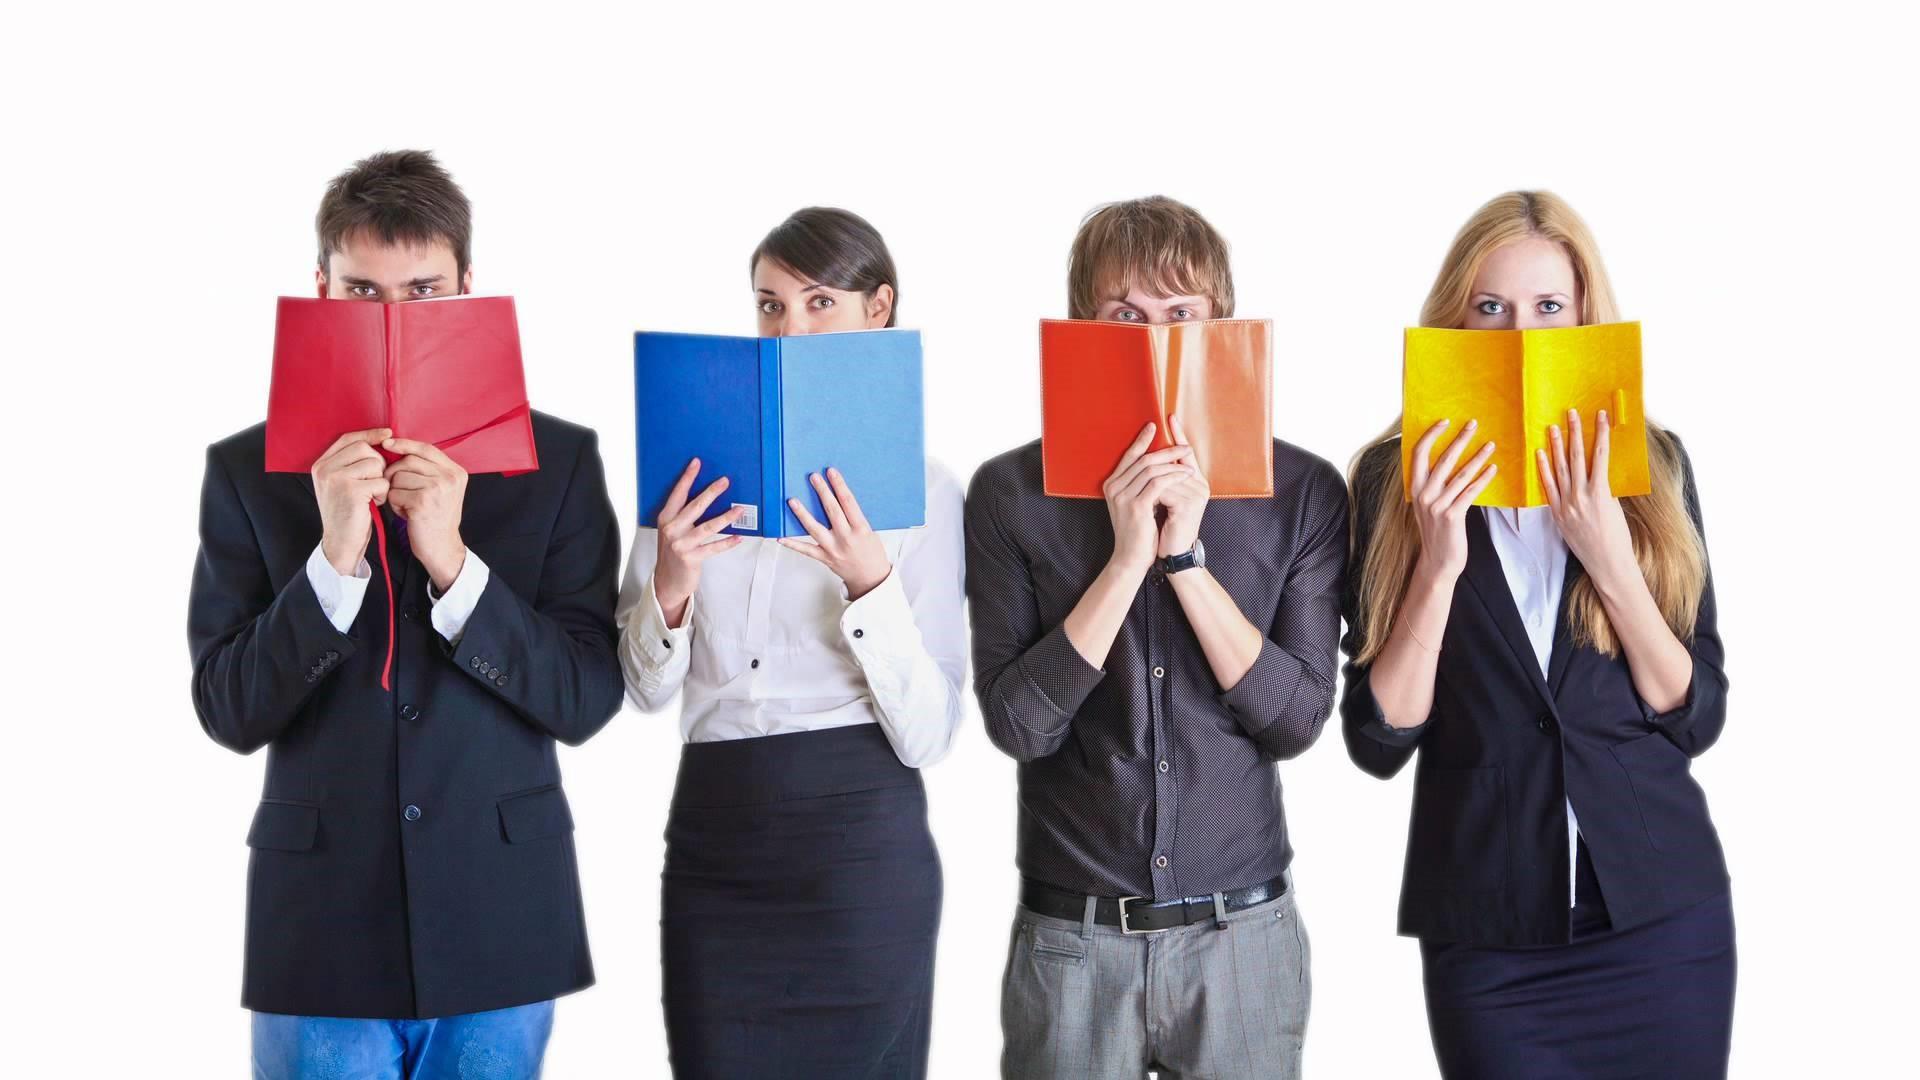 برای آموزش زبان انگلیسی فقط به کتاب ها تکیه نکنیم